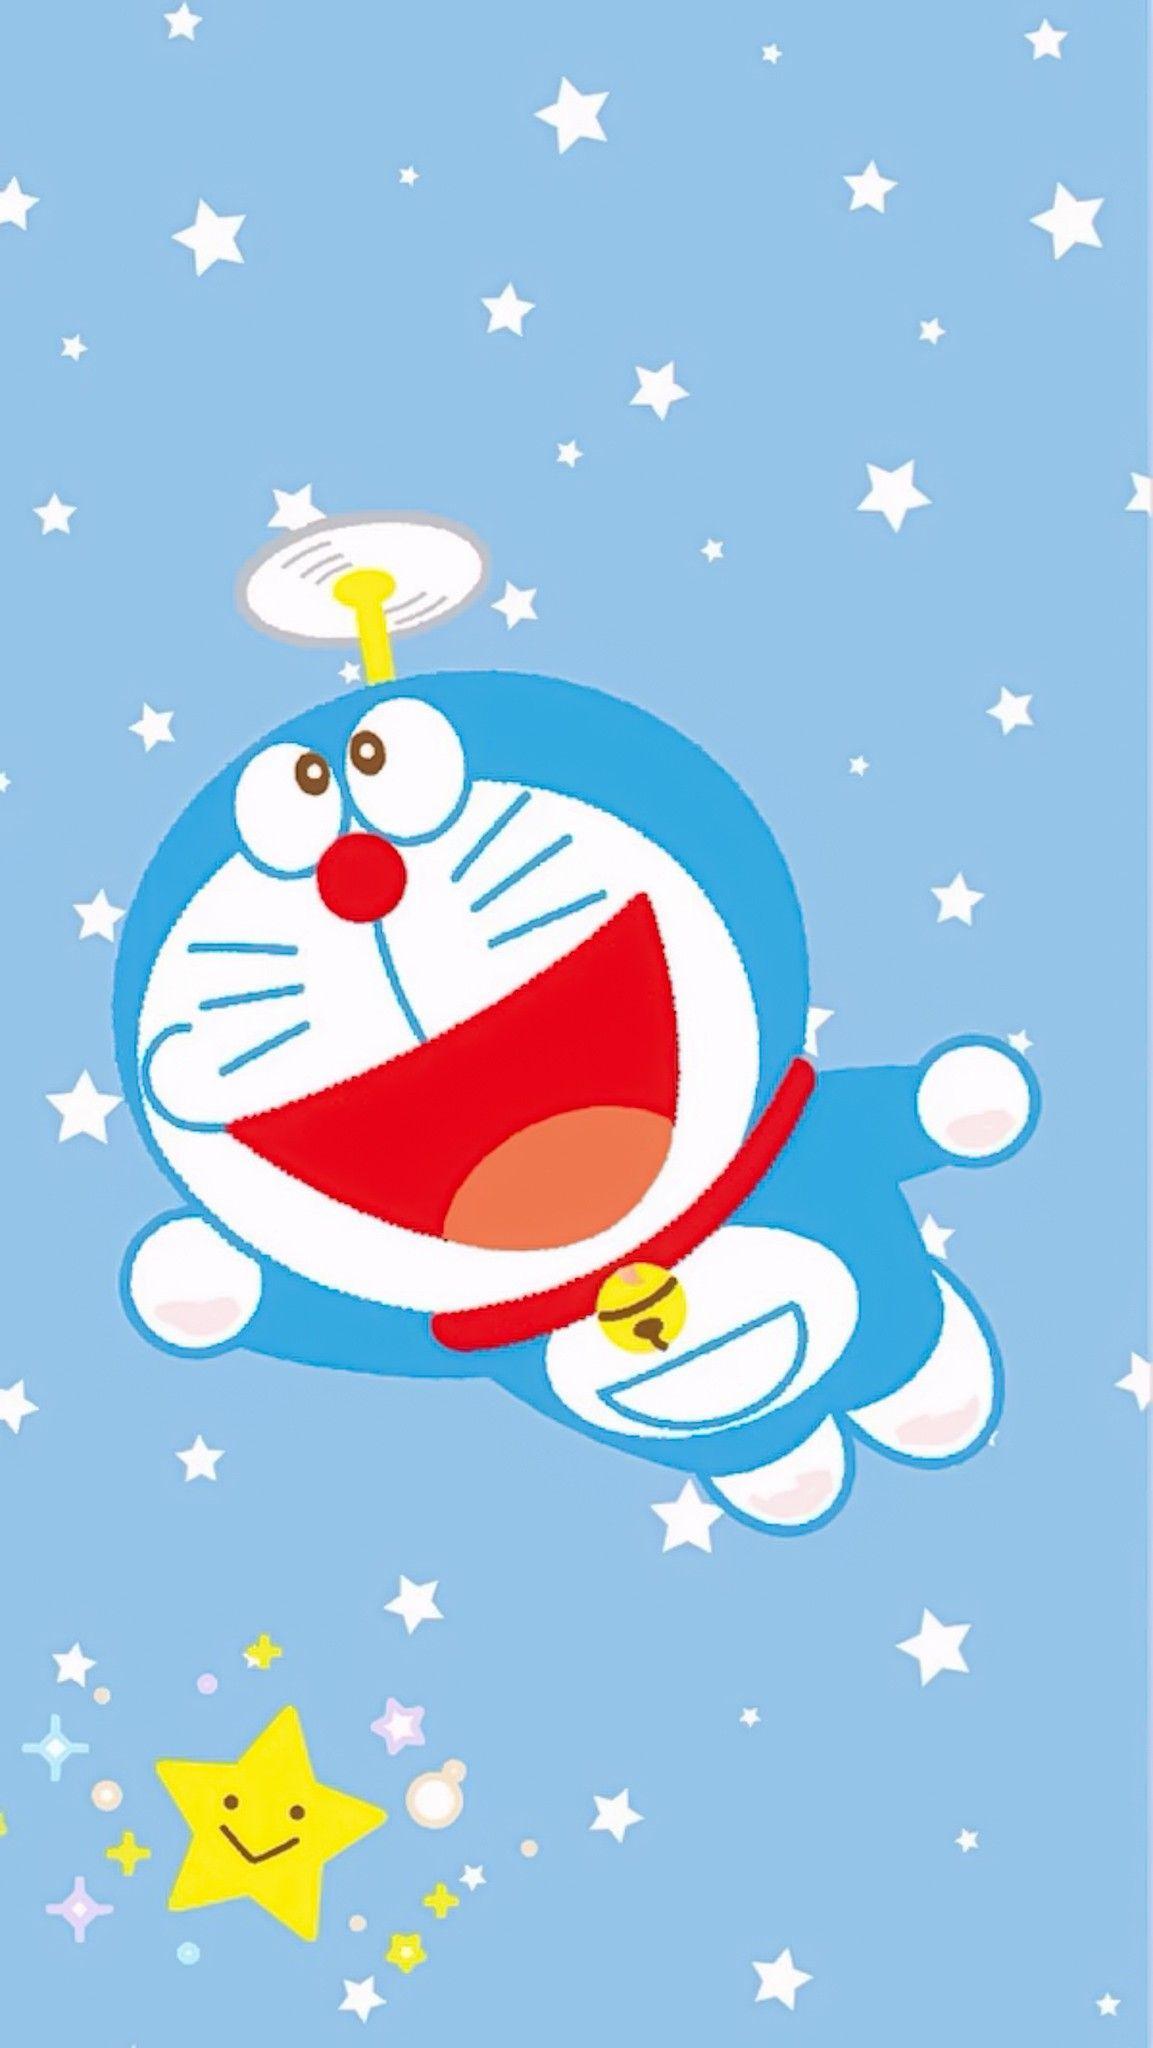 Hình ảnh của Aekkalisa trên Doraemon ☆ BG trong 2020